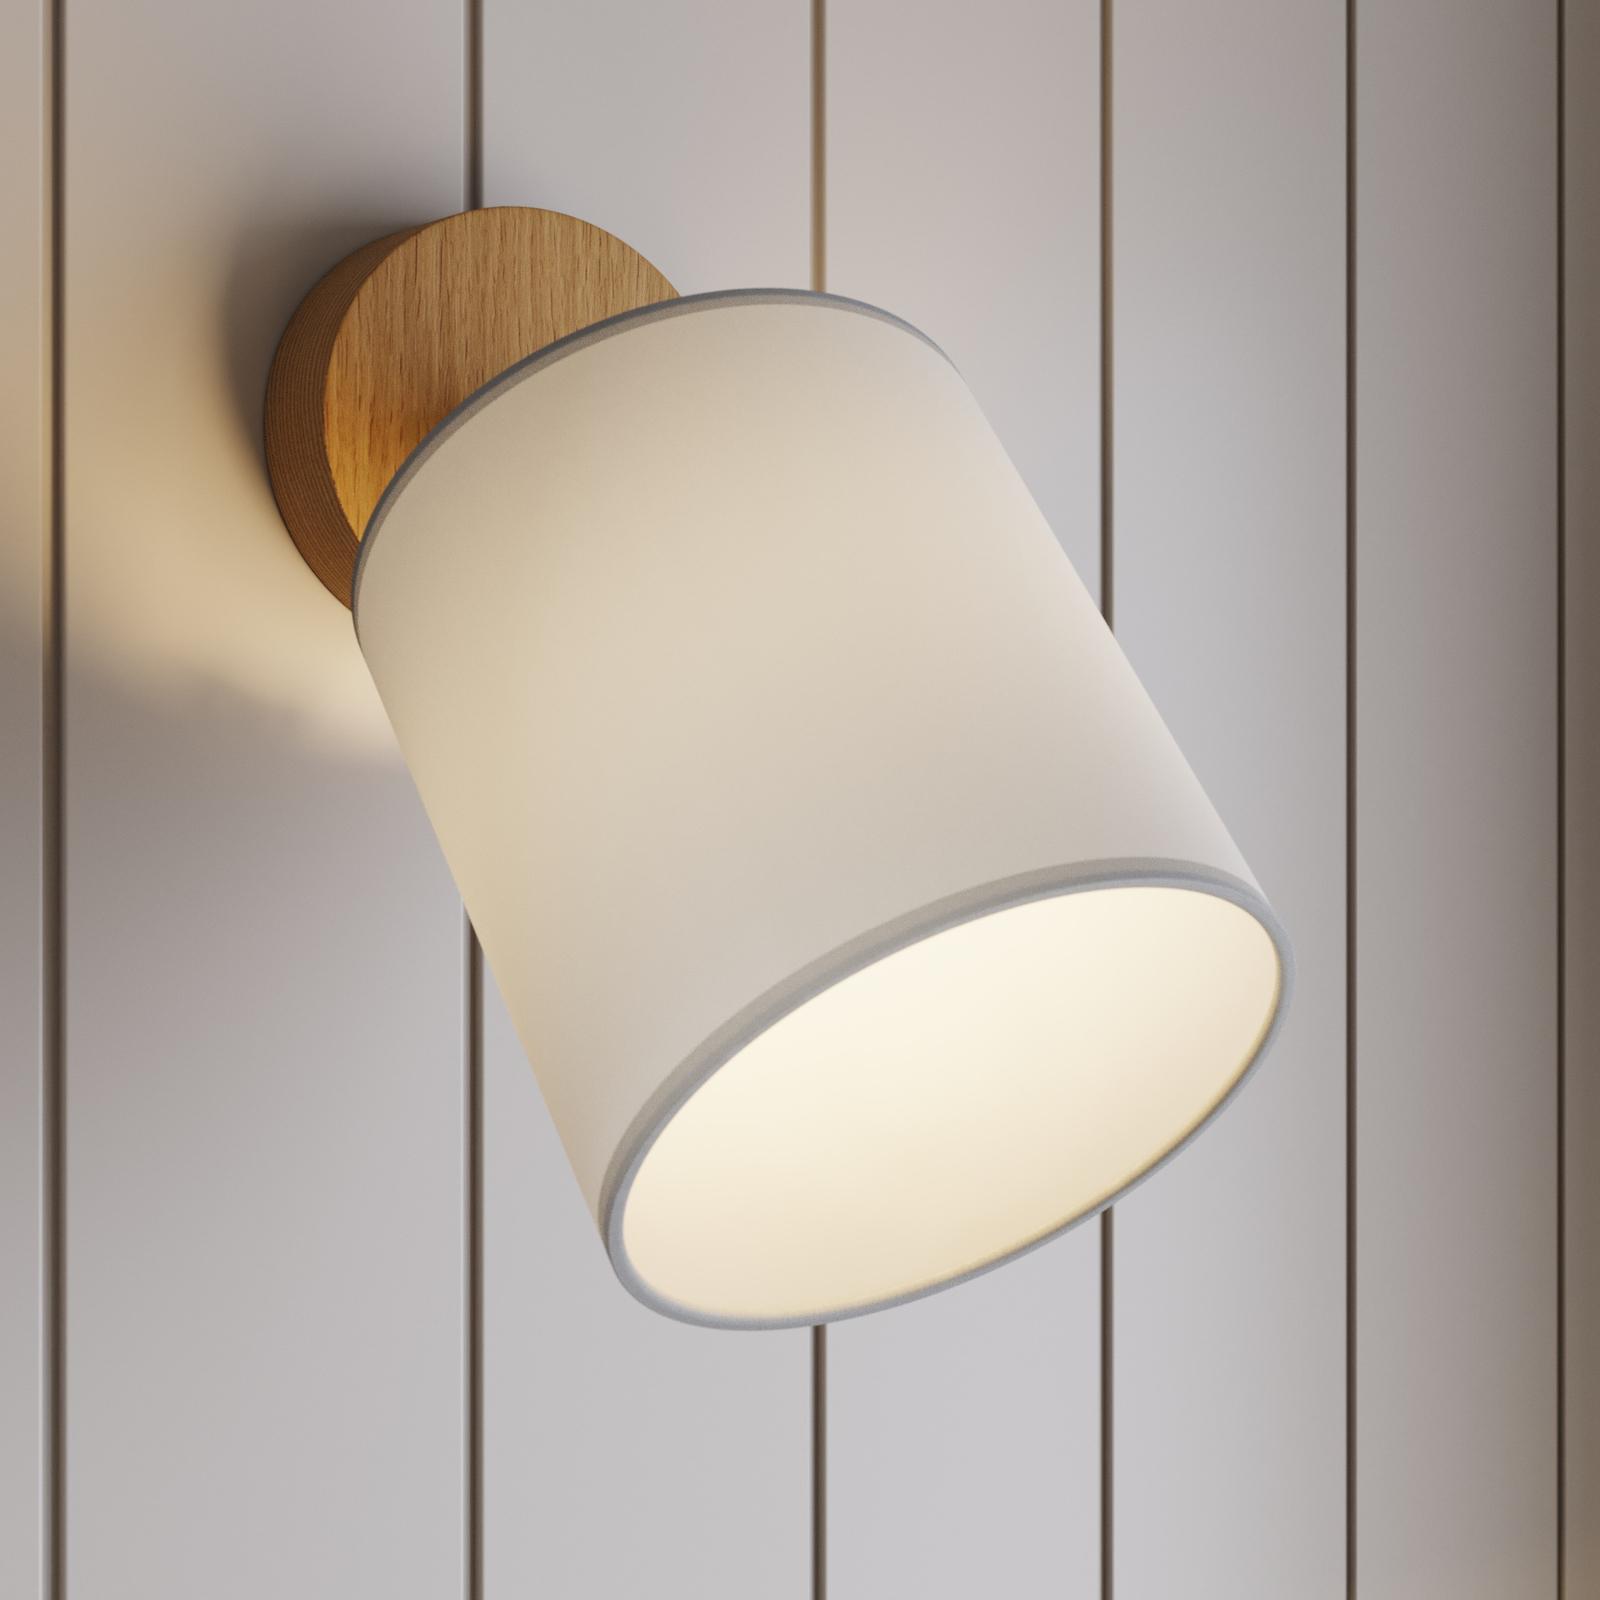 Faretto da parete Corralee, bianco, 1 luce